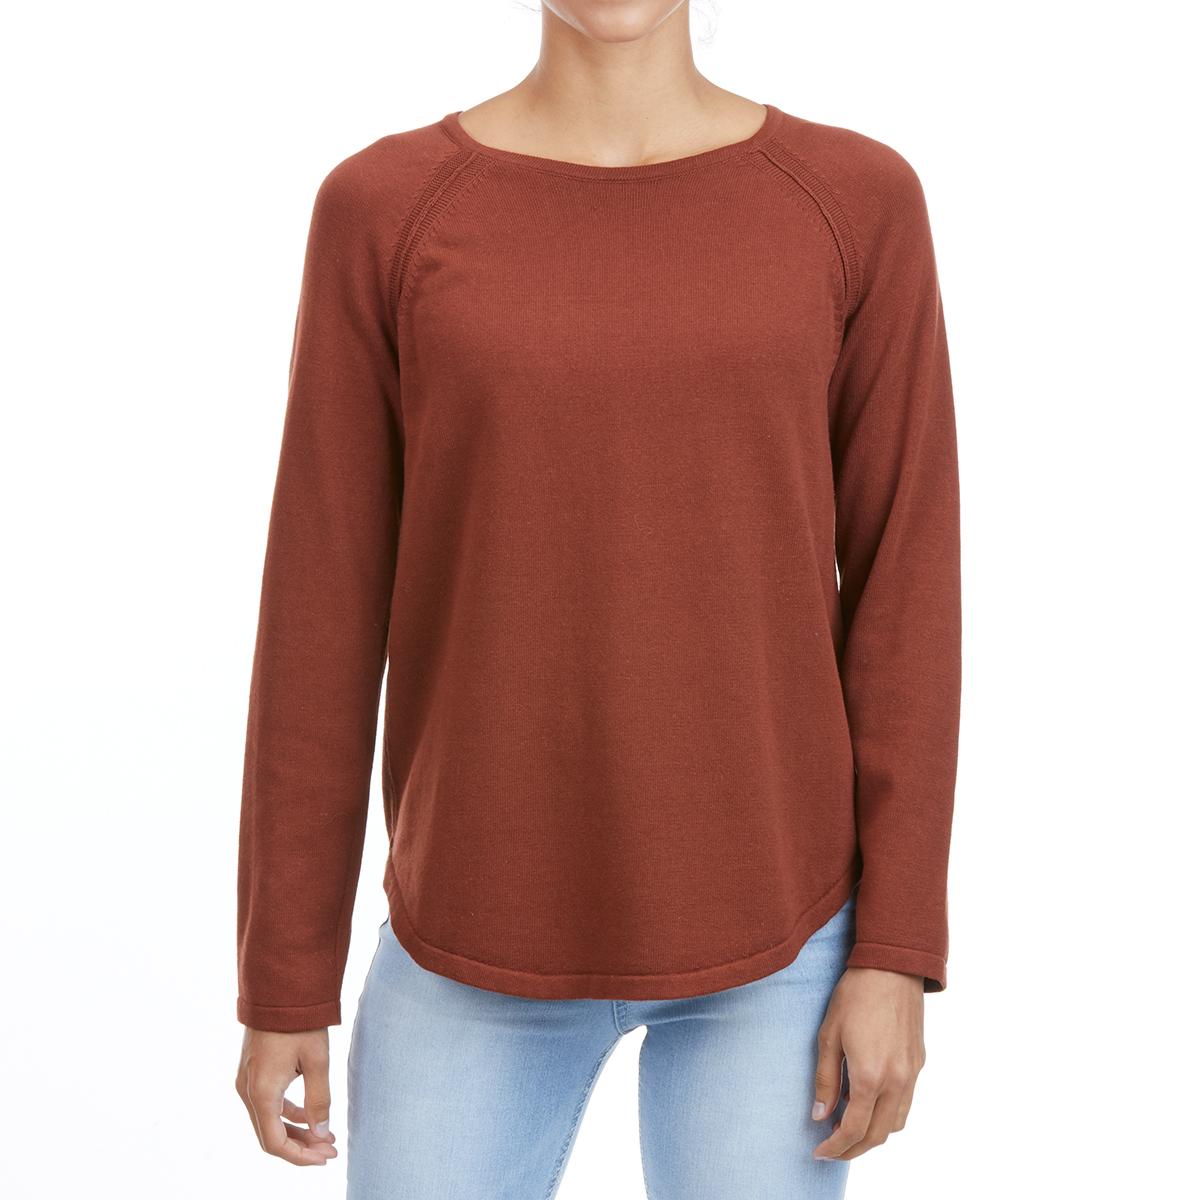 Jeanne Pierre Women's Cotton Crew Shirttail Sweater - Brown, S